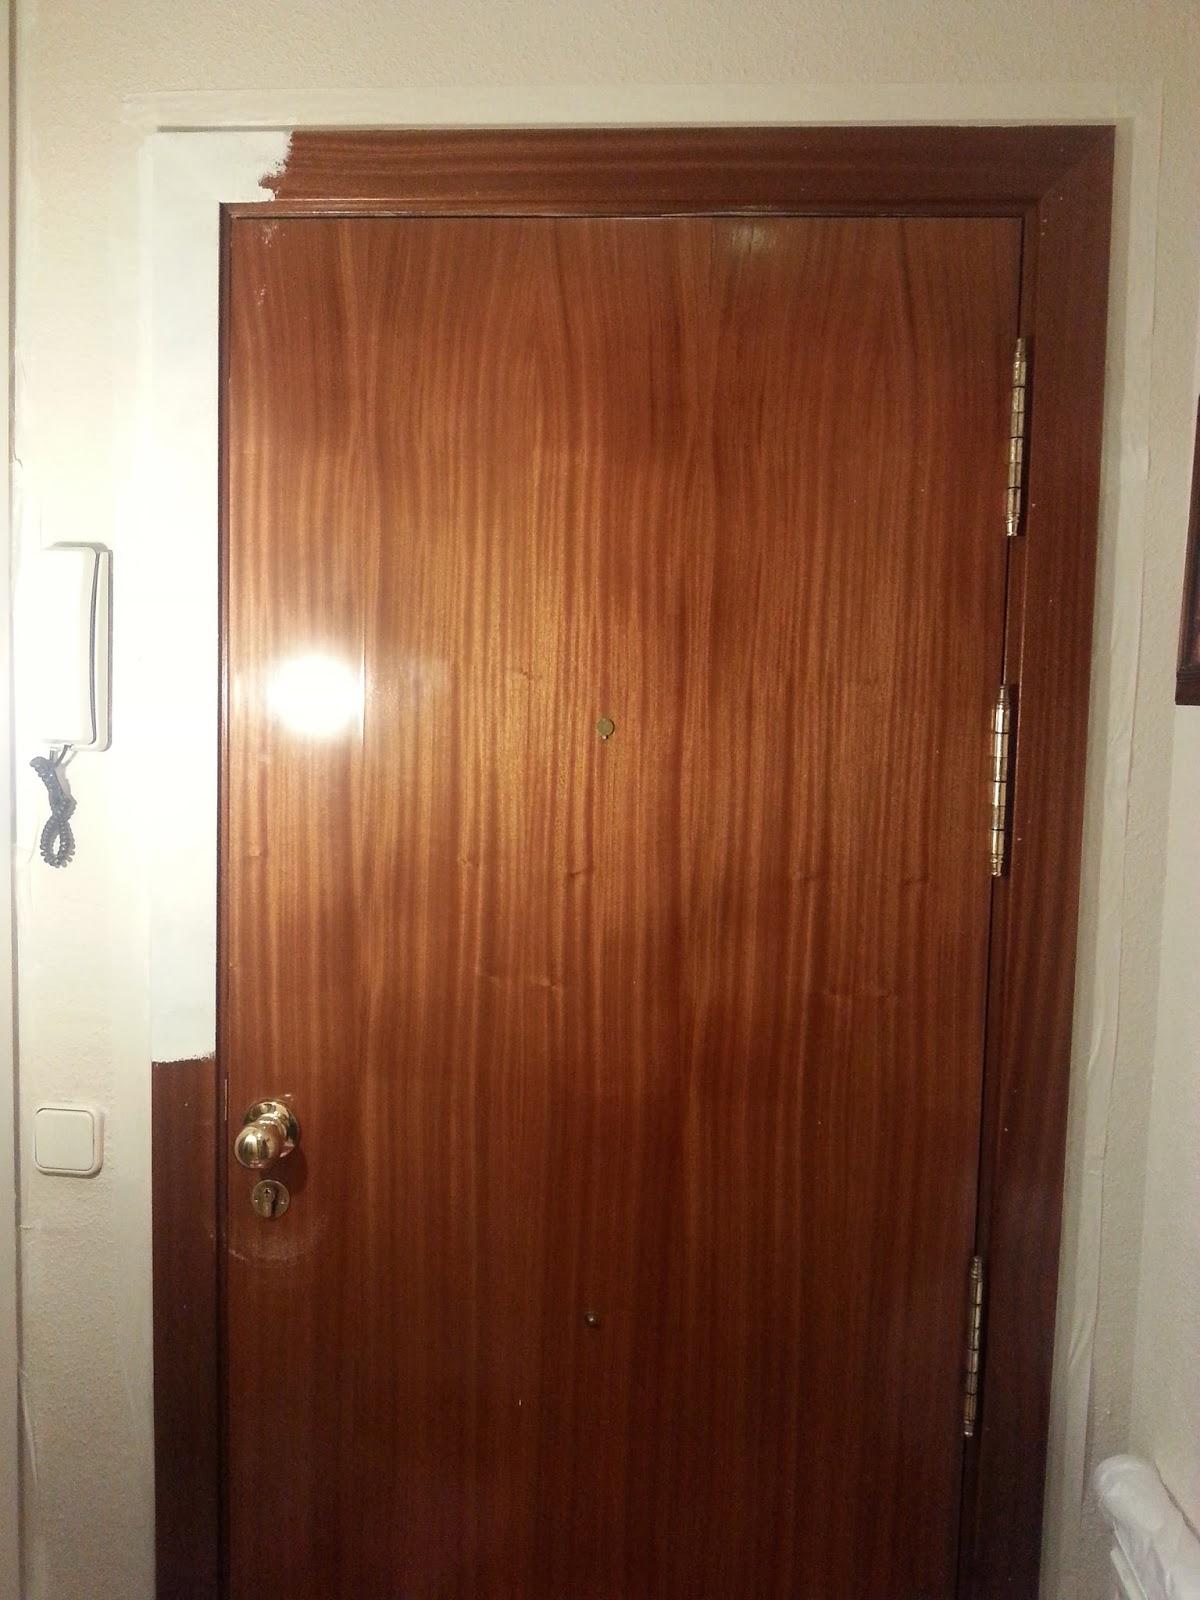 Lacar puertas barnizadas great with lacar puertas - Lacar puertas sapelly ...